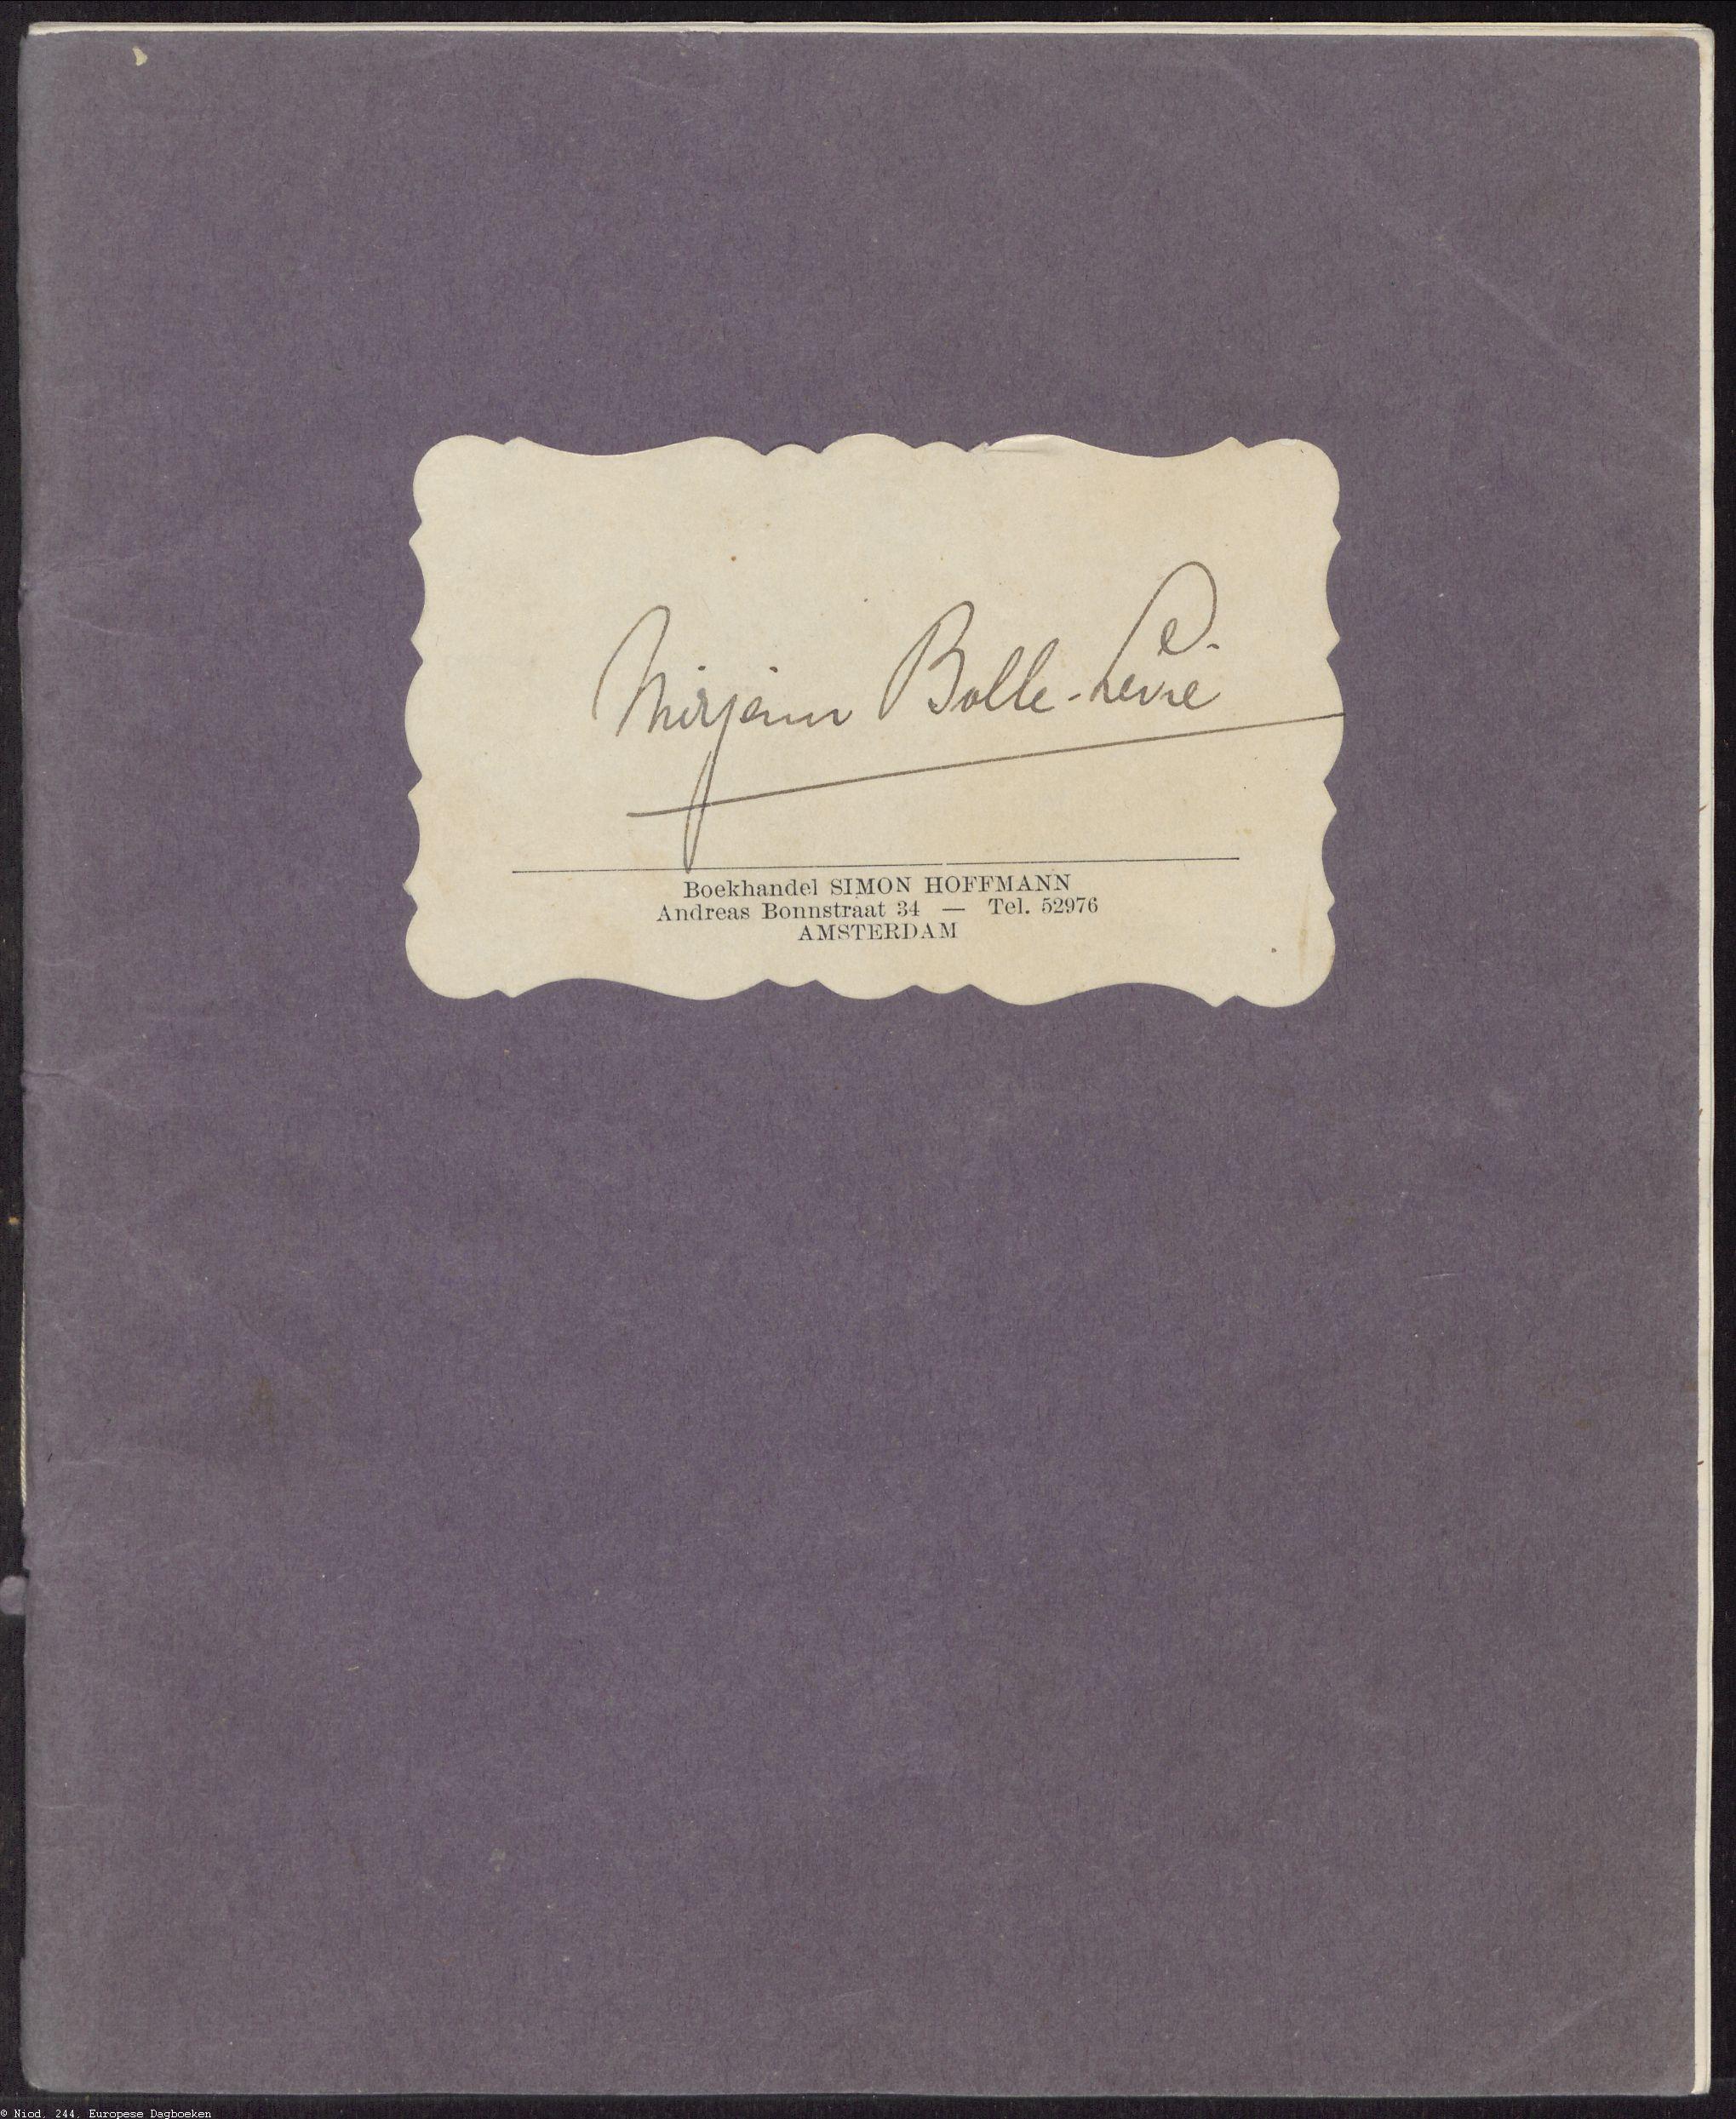 Briefdagboek Mirjam Bolle